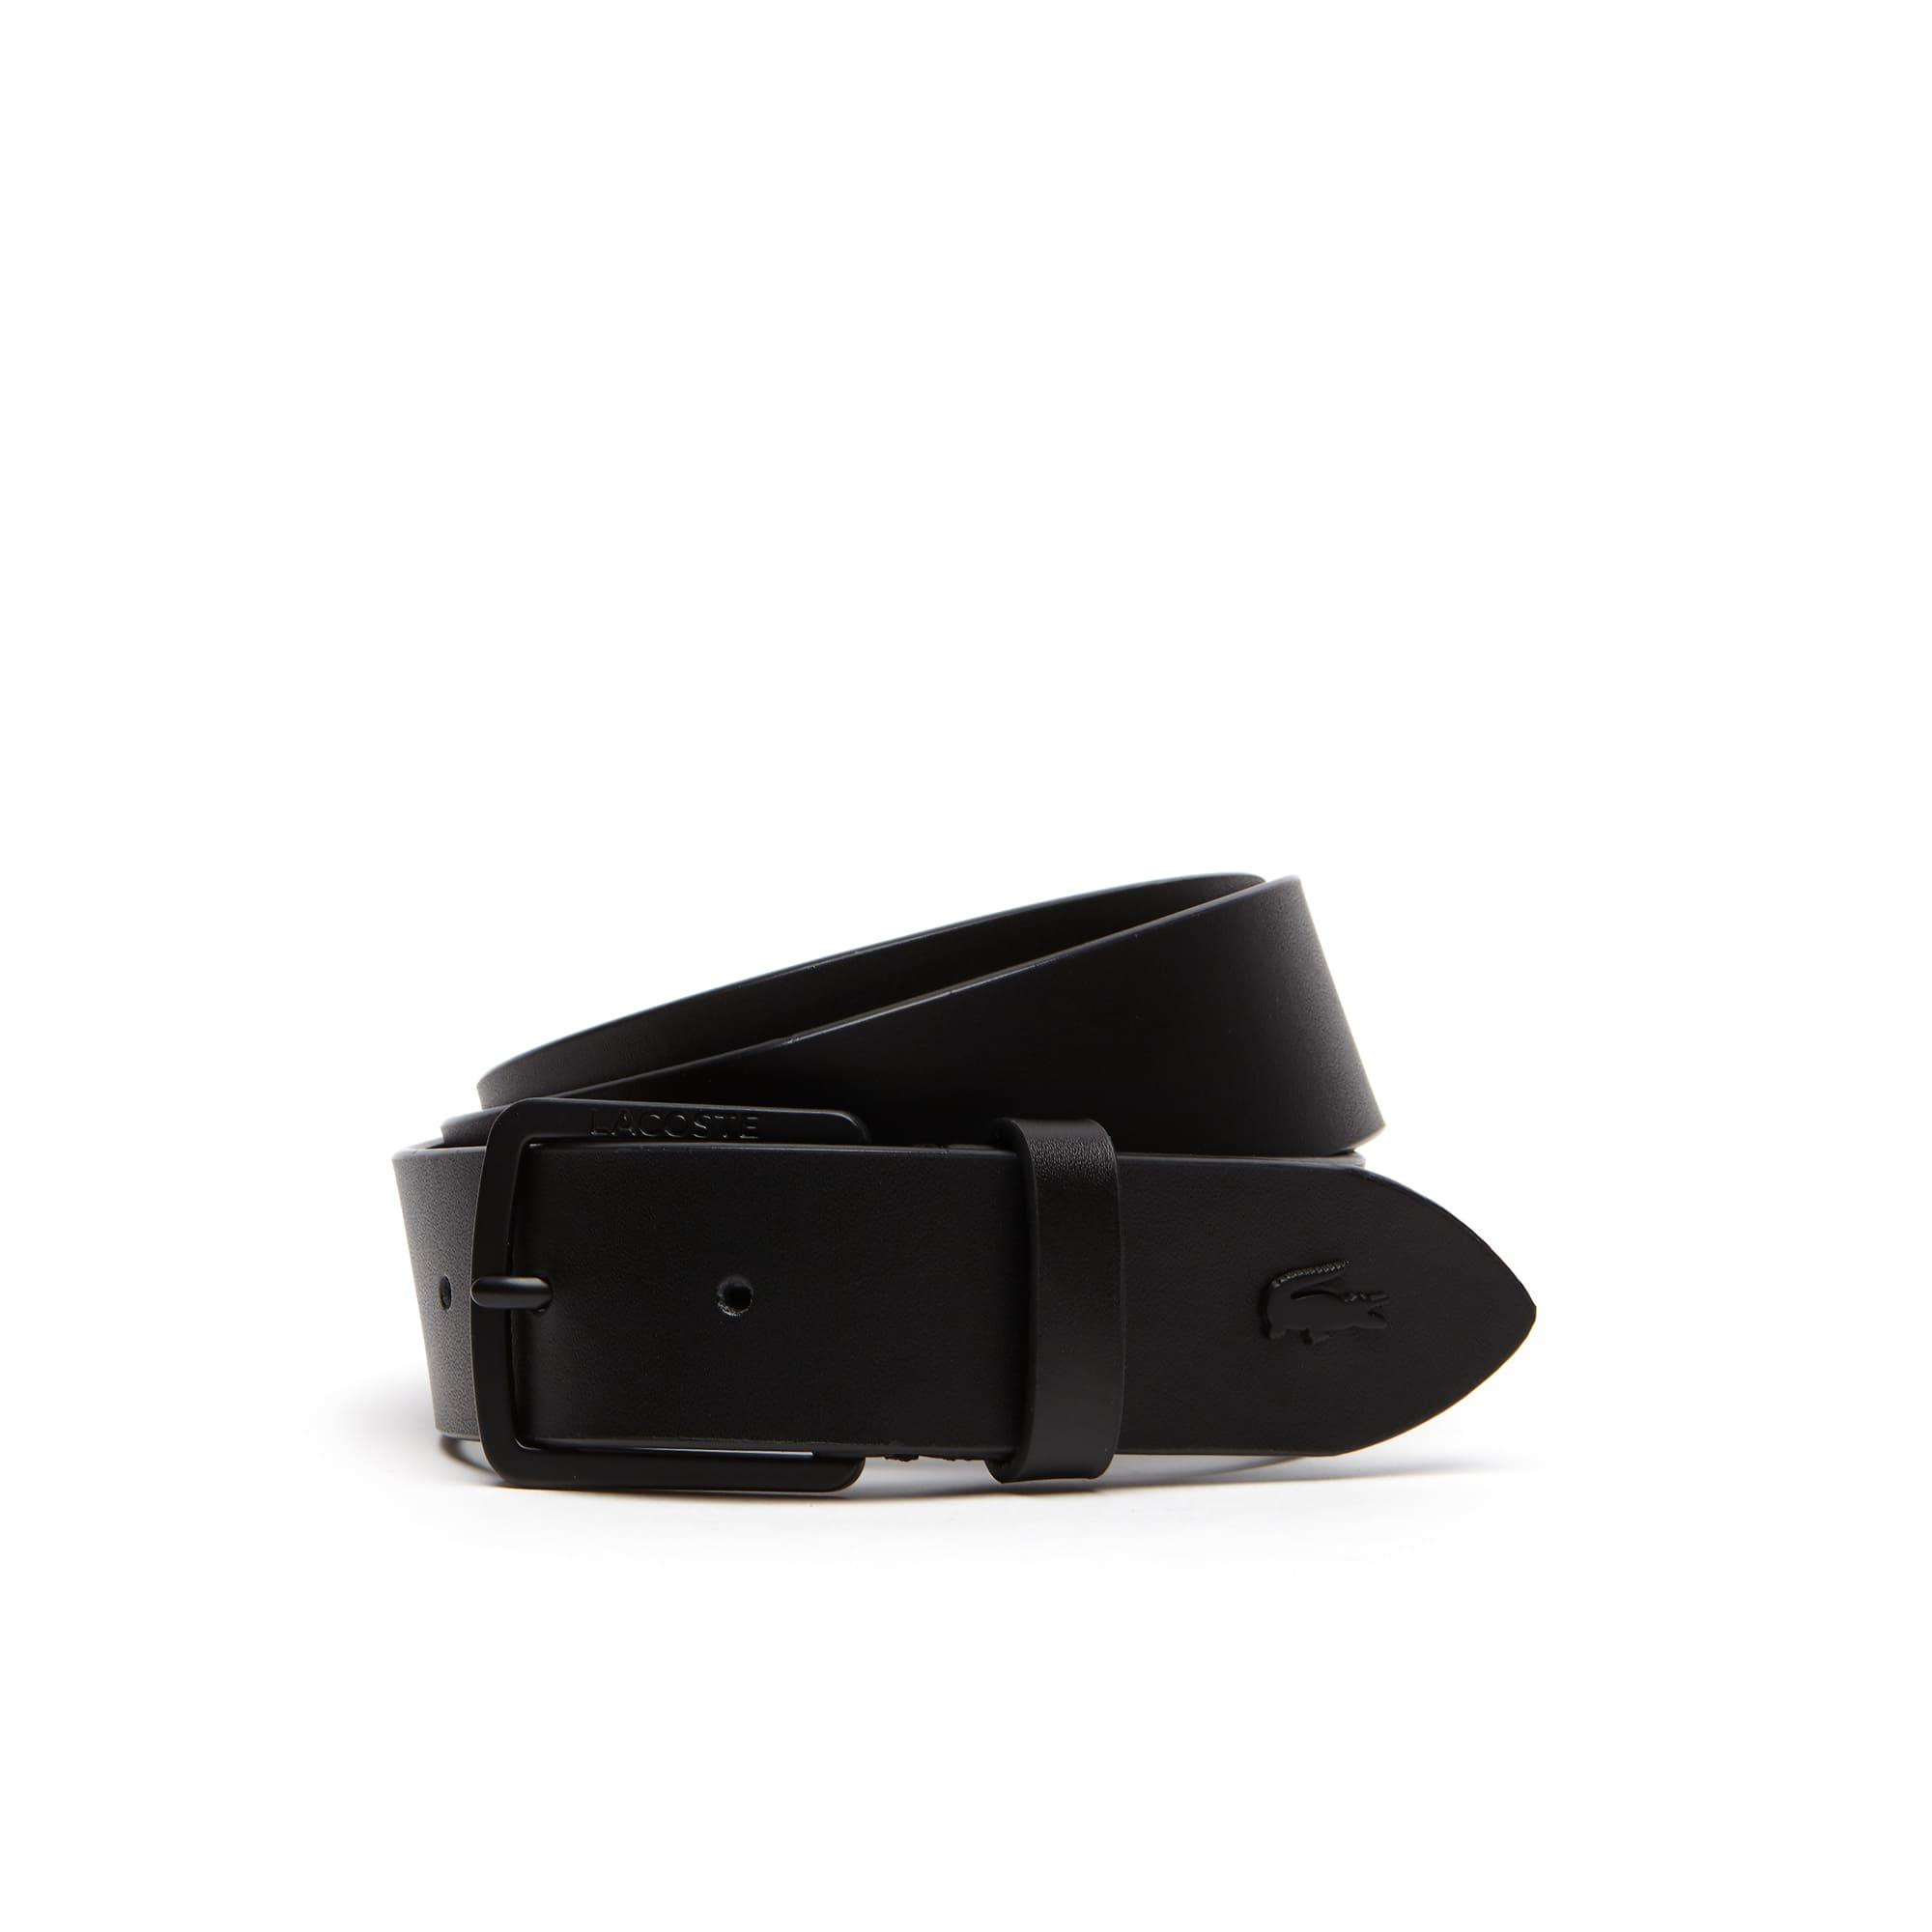 حزام من الجلد مُزوَّد بإبزيم ذي لسان محفور عليه حروف كلمة Lacoste للرجال